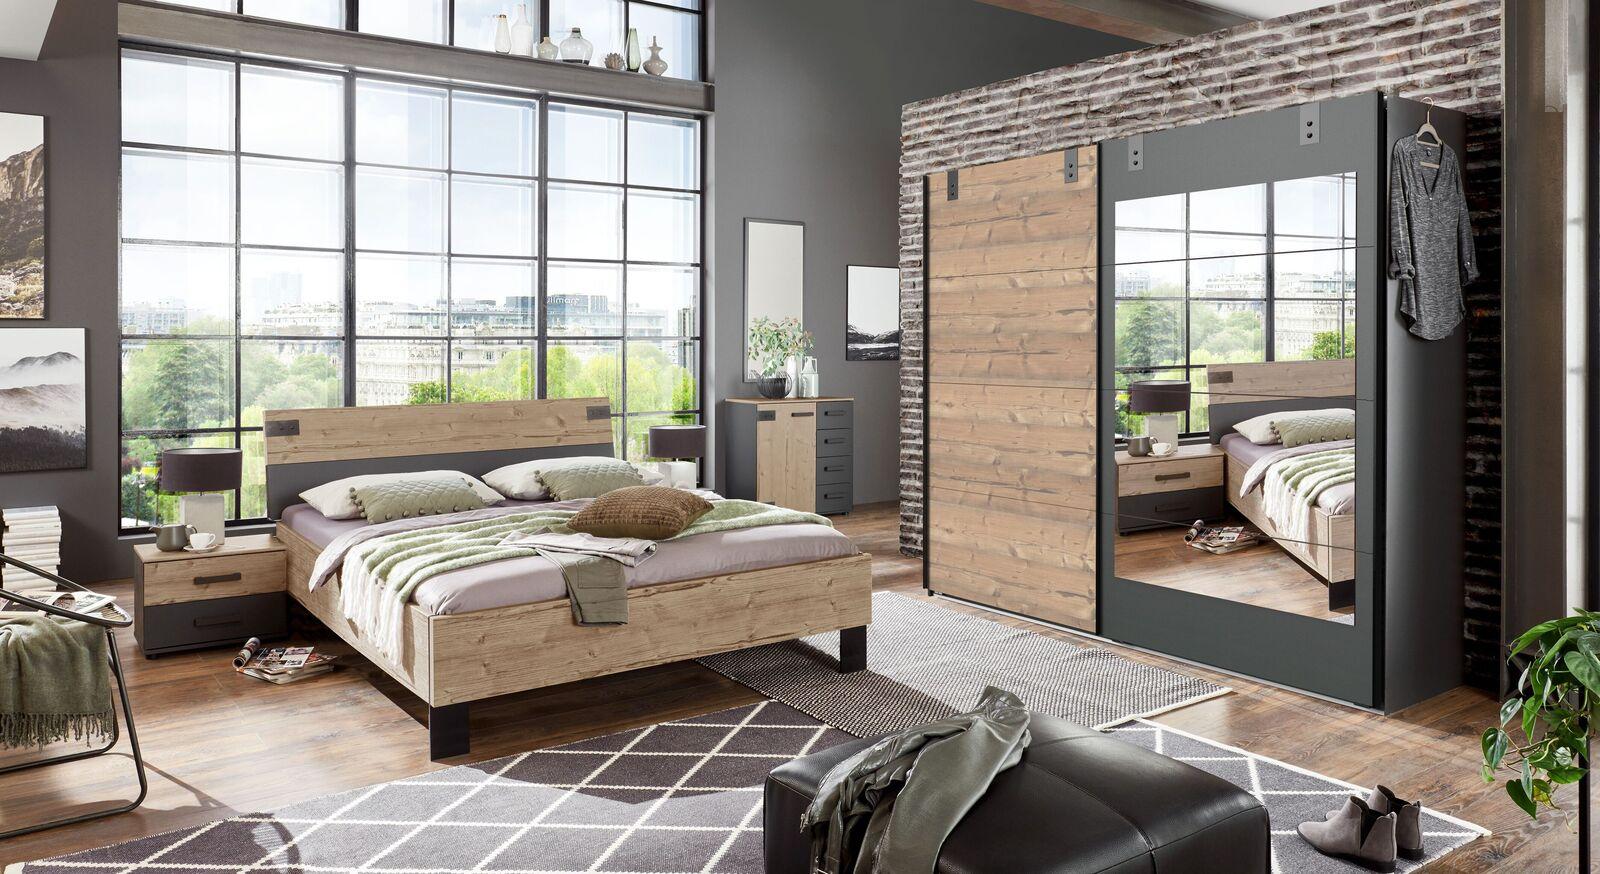 Schlafzimmer Midori mit Spiegel-Schwebetüren-Kleiderschrank